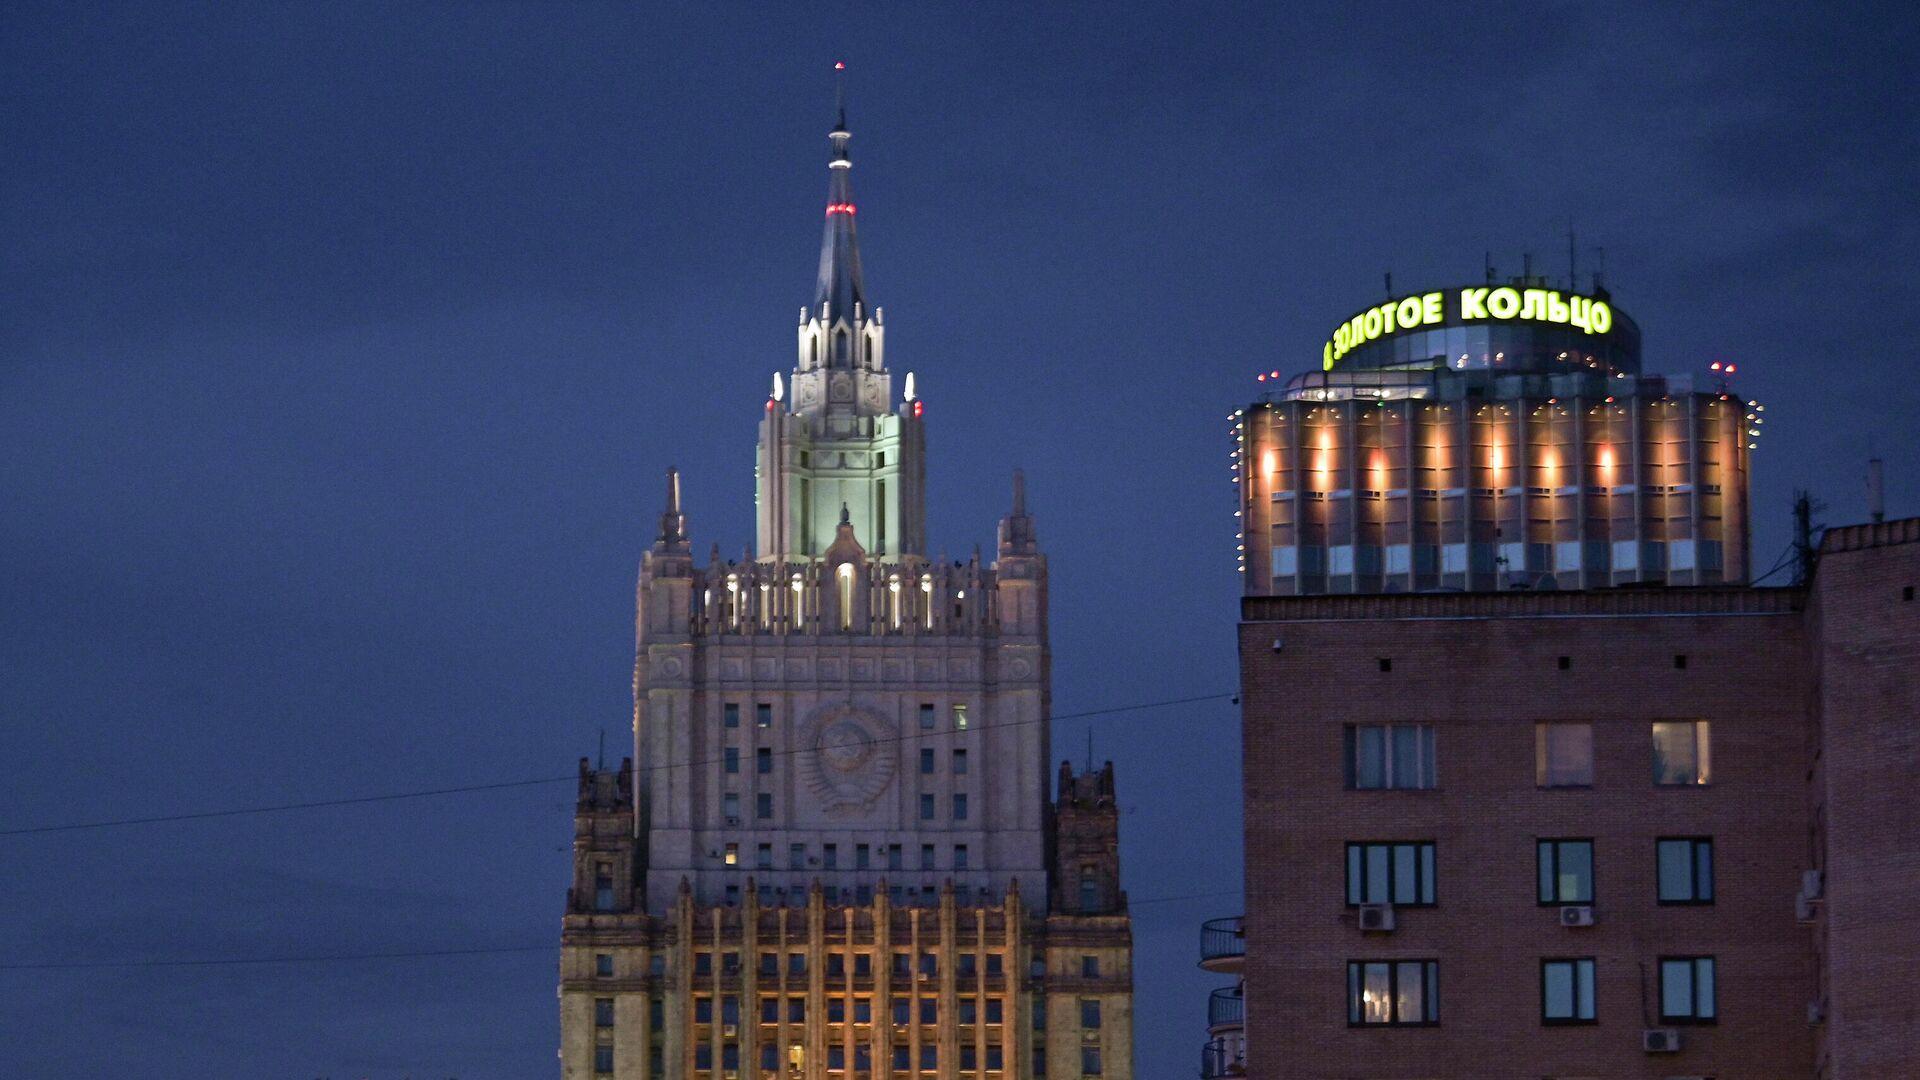 Здание министерства иностранных дел Российской Федерации - РИА Новости, 1920, 19.09.2020